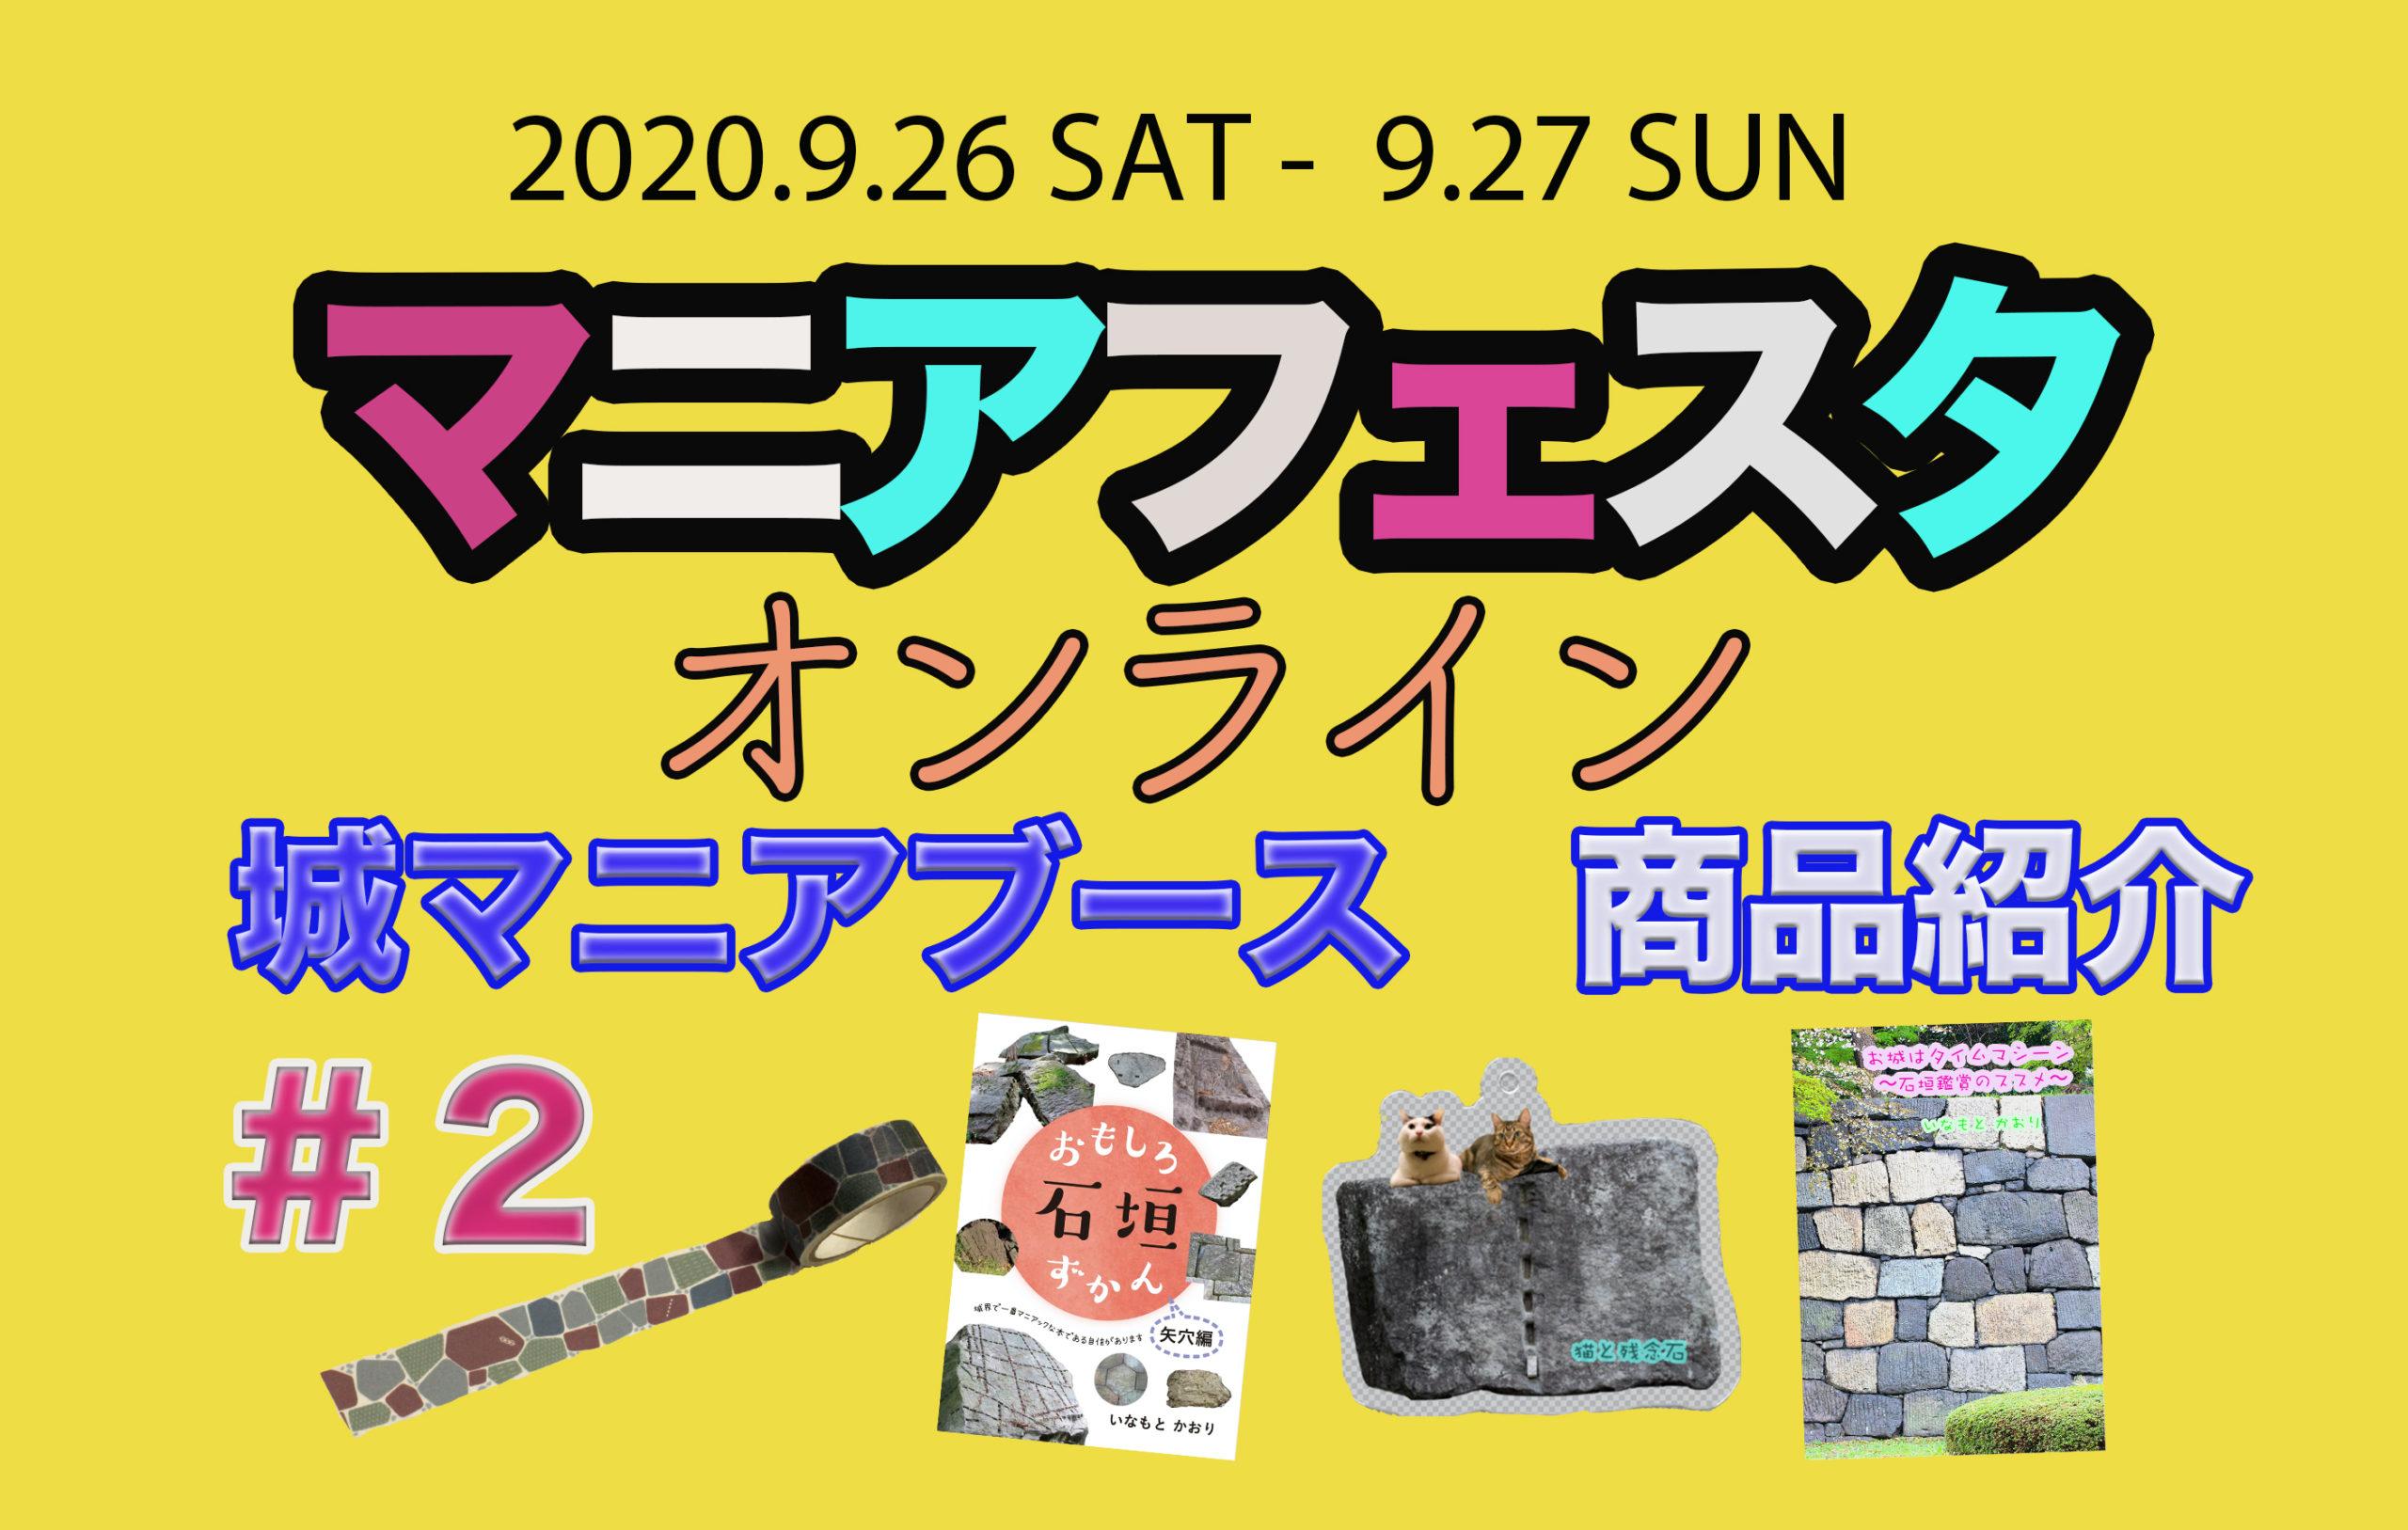 9/26・27開催マニアフェスタオンラインとYouTube開設のお知らせ